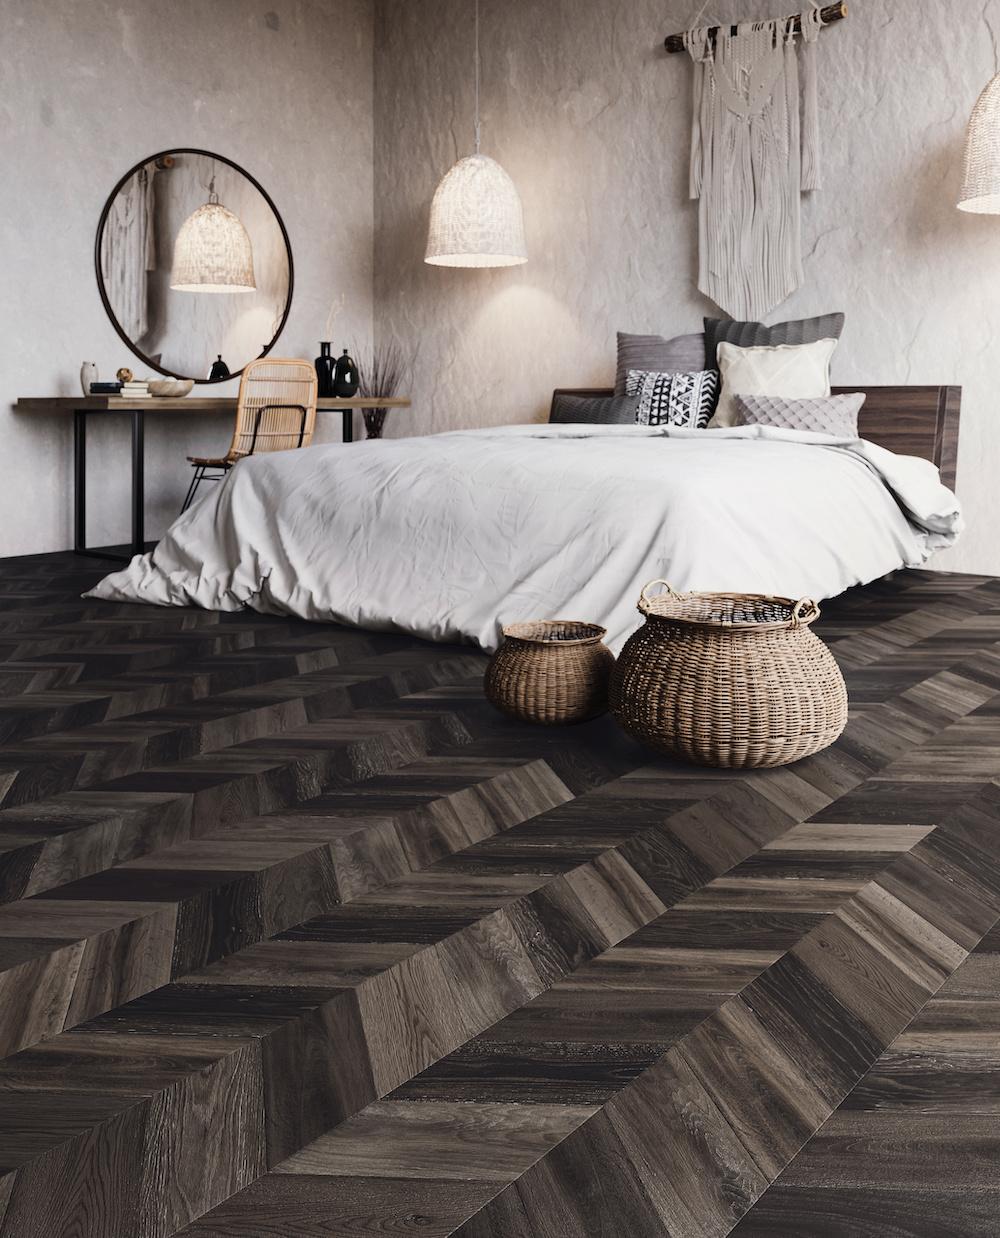 Slaapkamer inspiratie. Bohemian stijl met donkere visgraat vloer van Moduleo #slaapkamer #inspiratie #bohemian #vloer #visgraat #moduleo